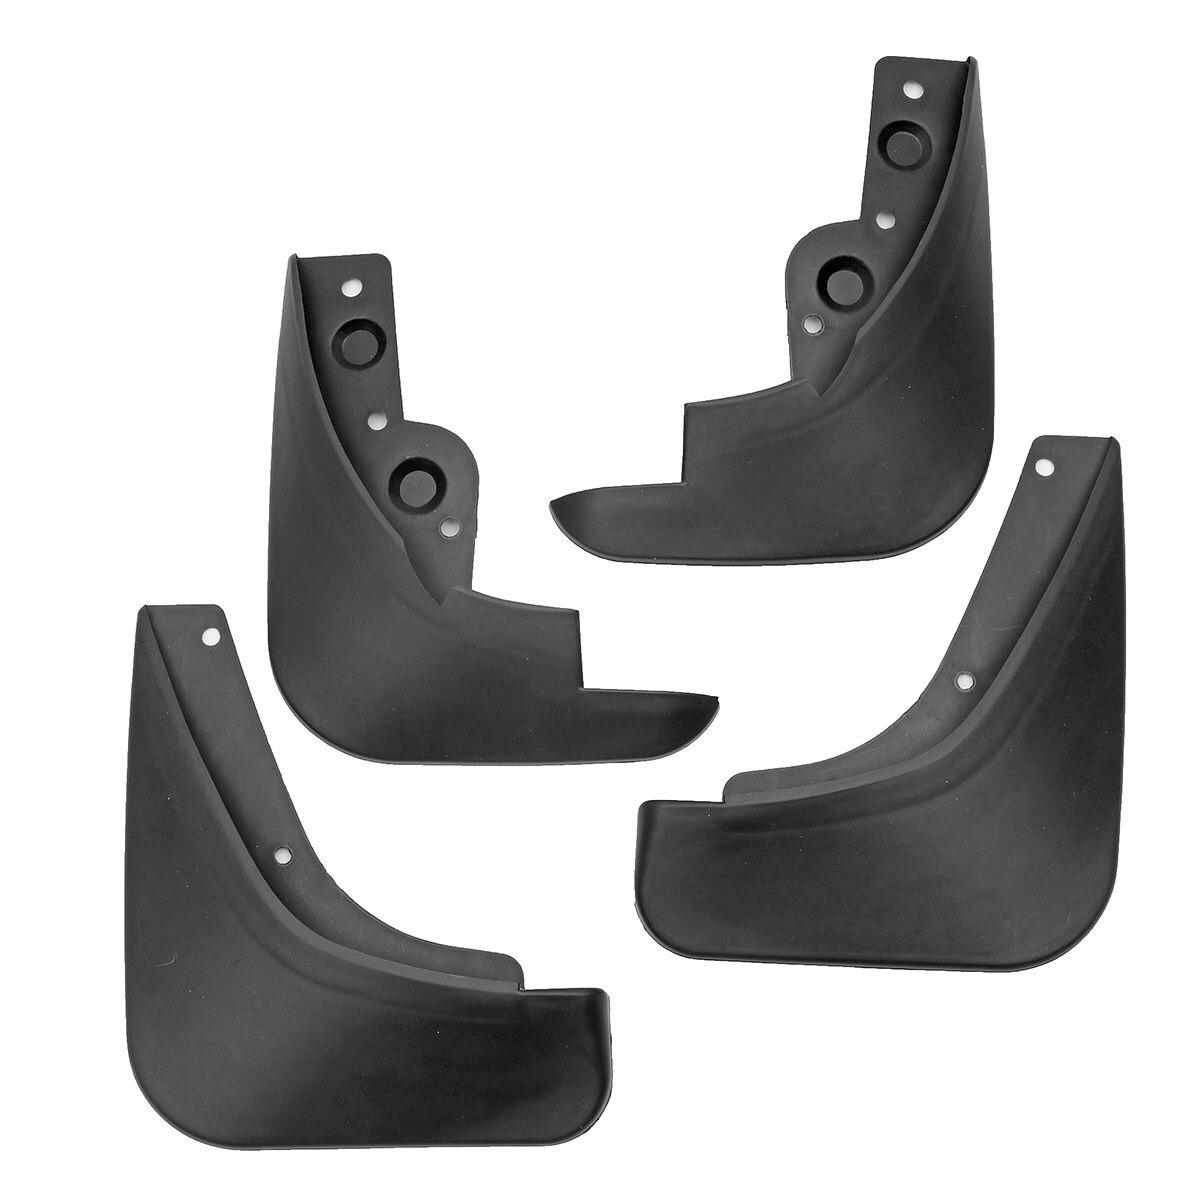 4 stücke Auto vorne und hinten Kotflügel-Kotflügel Splash Flaps Schmutzfänger Für Mazda 3 09-12